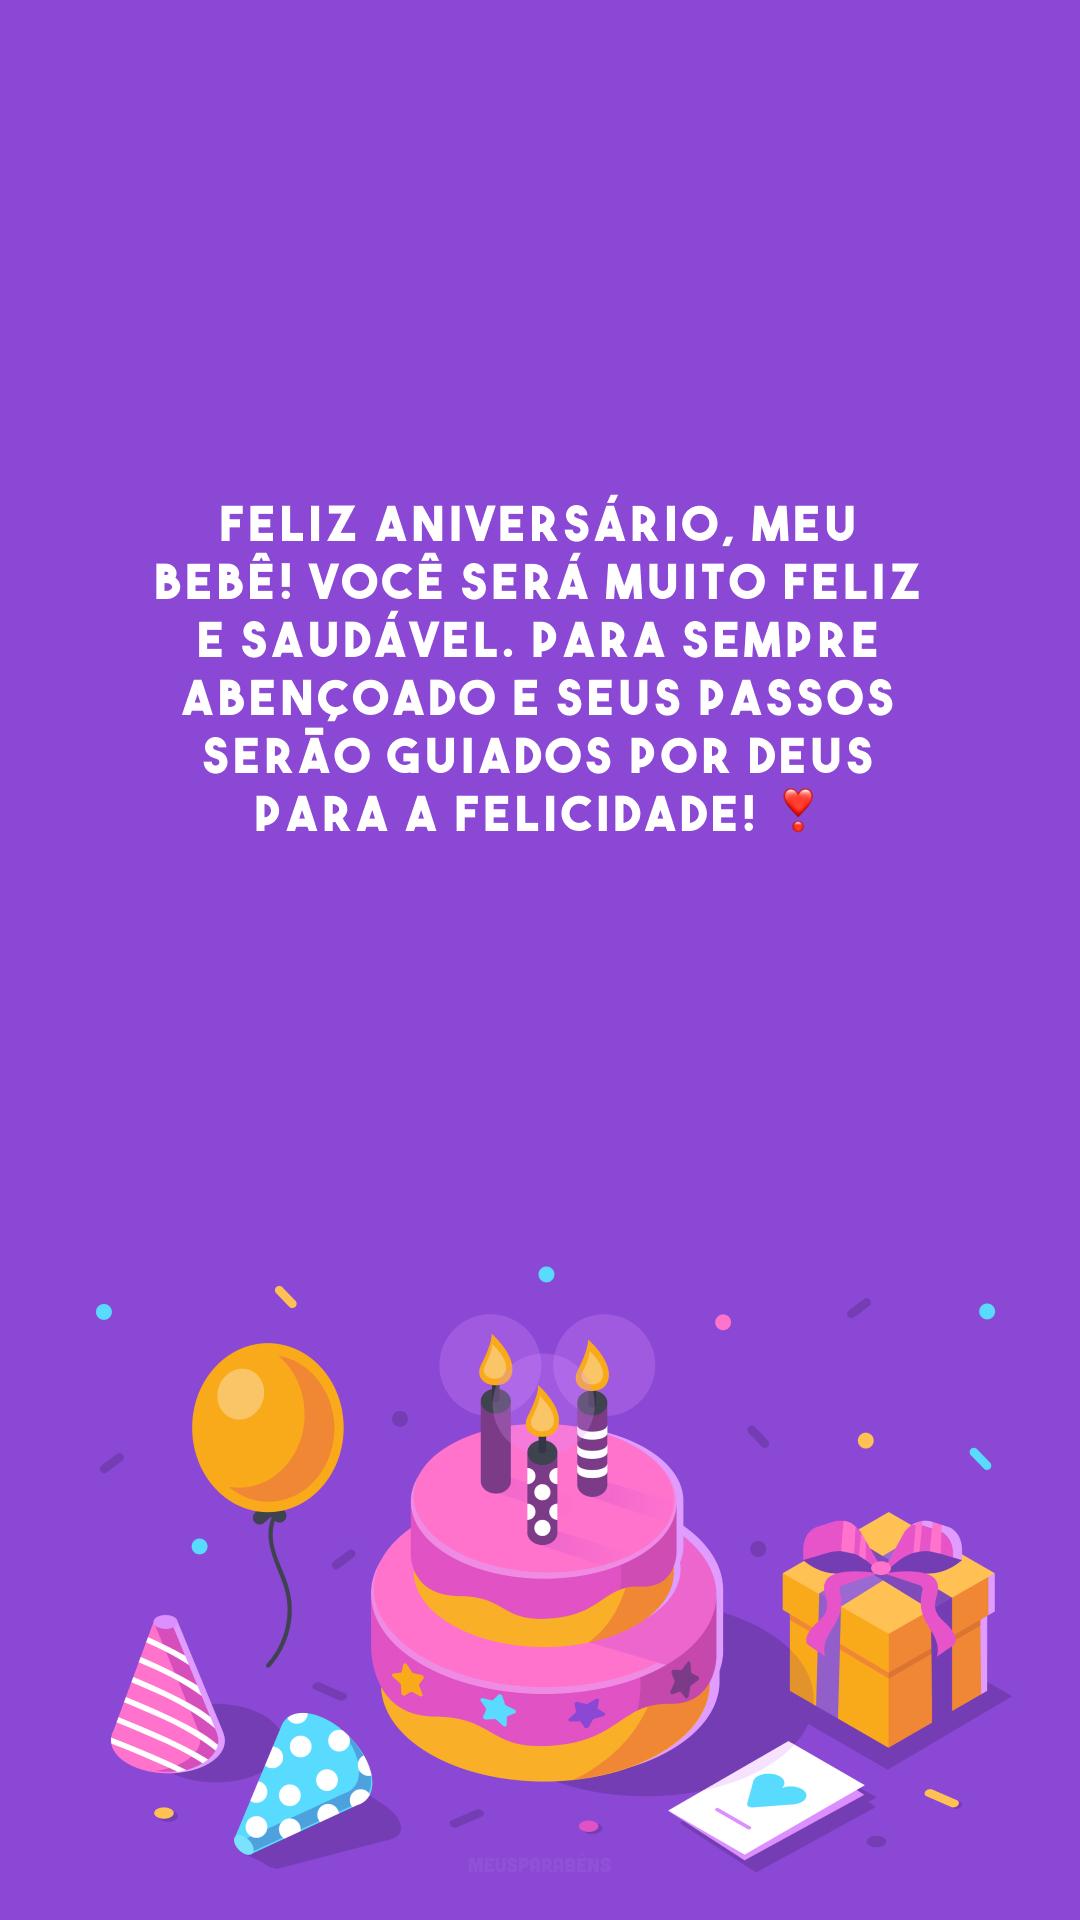 Feliz aniversário, meu bebê! Você será muito feliz e saudável. Para sempre abençoado e seus passos serão guiados por Deus para a felicidade! ❣️